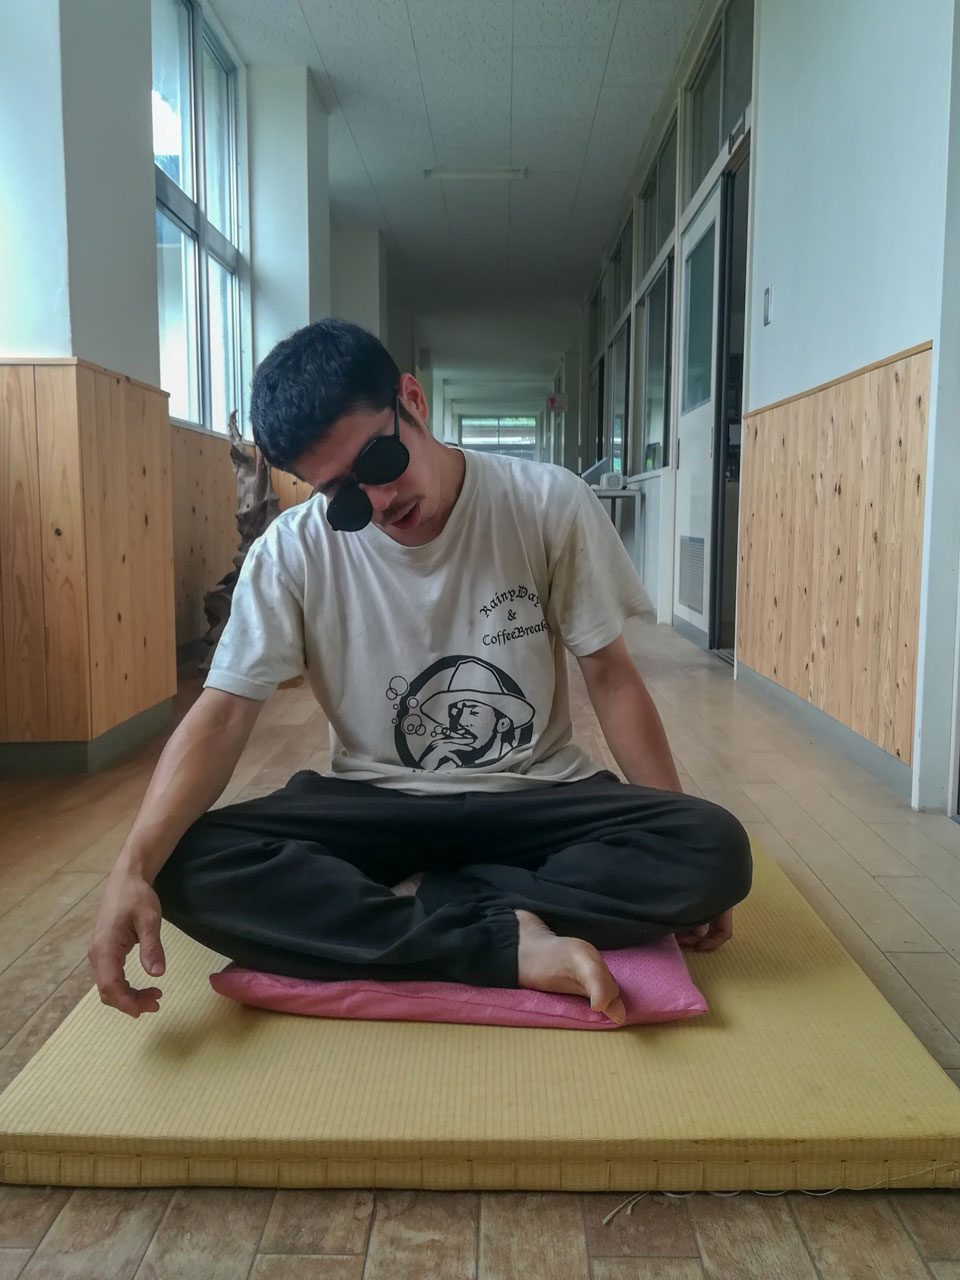 ヴィパッサナー瞑想体験記